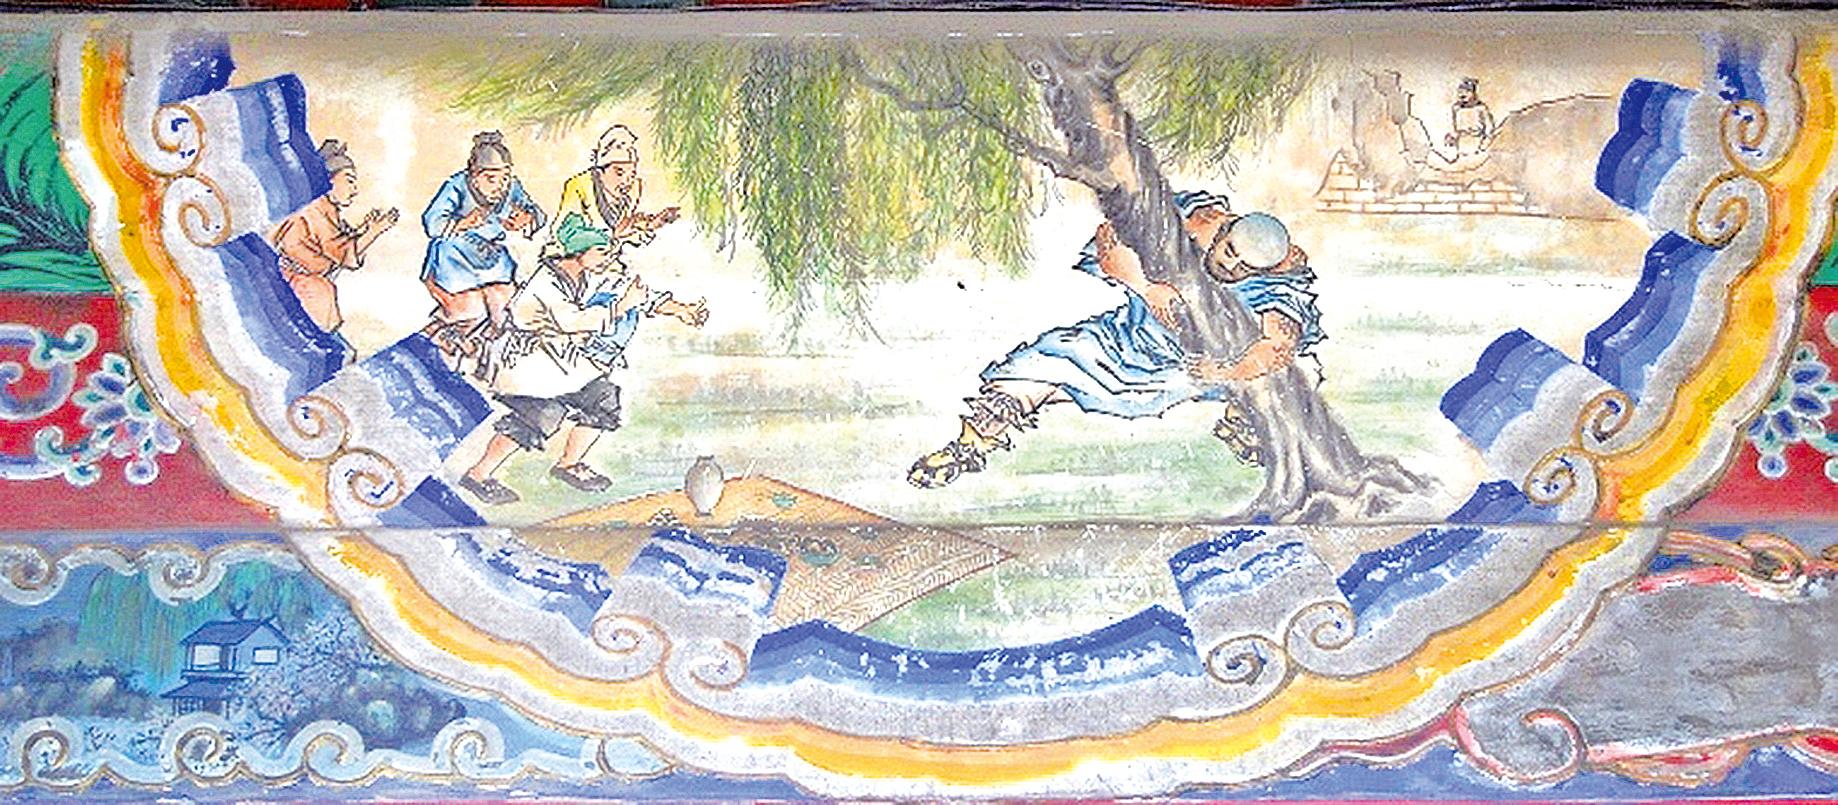 頤和園長廊彩繪:魯智深倒拔垂楊柳(公有領域)